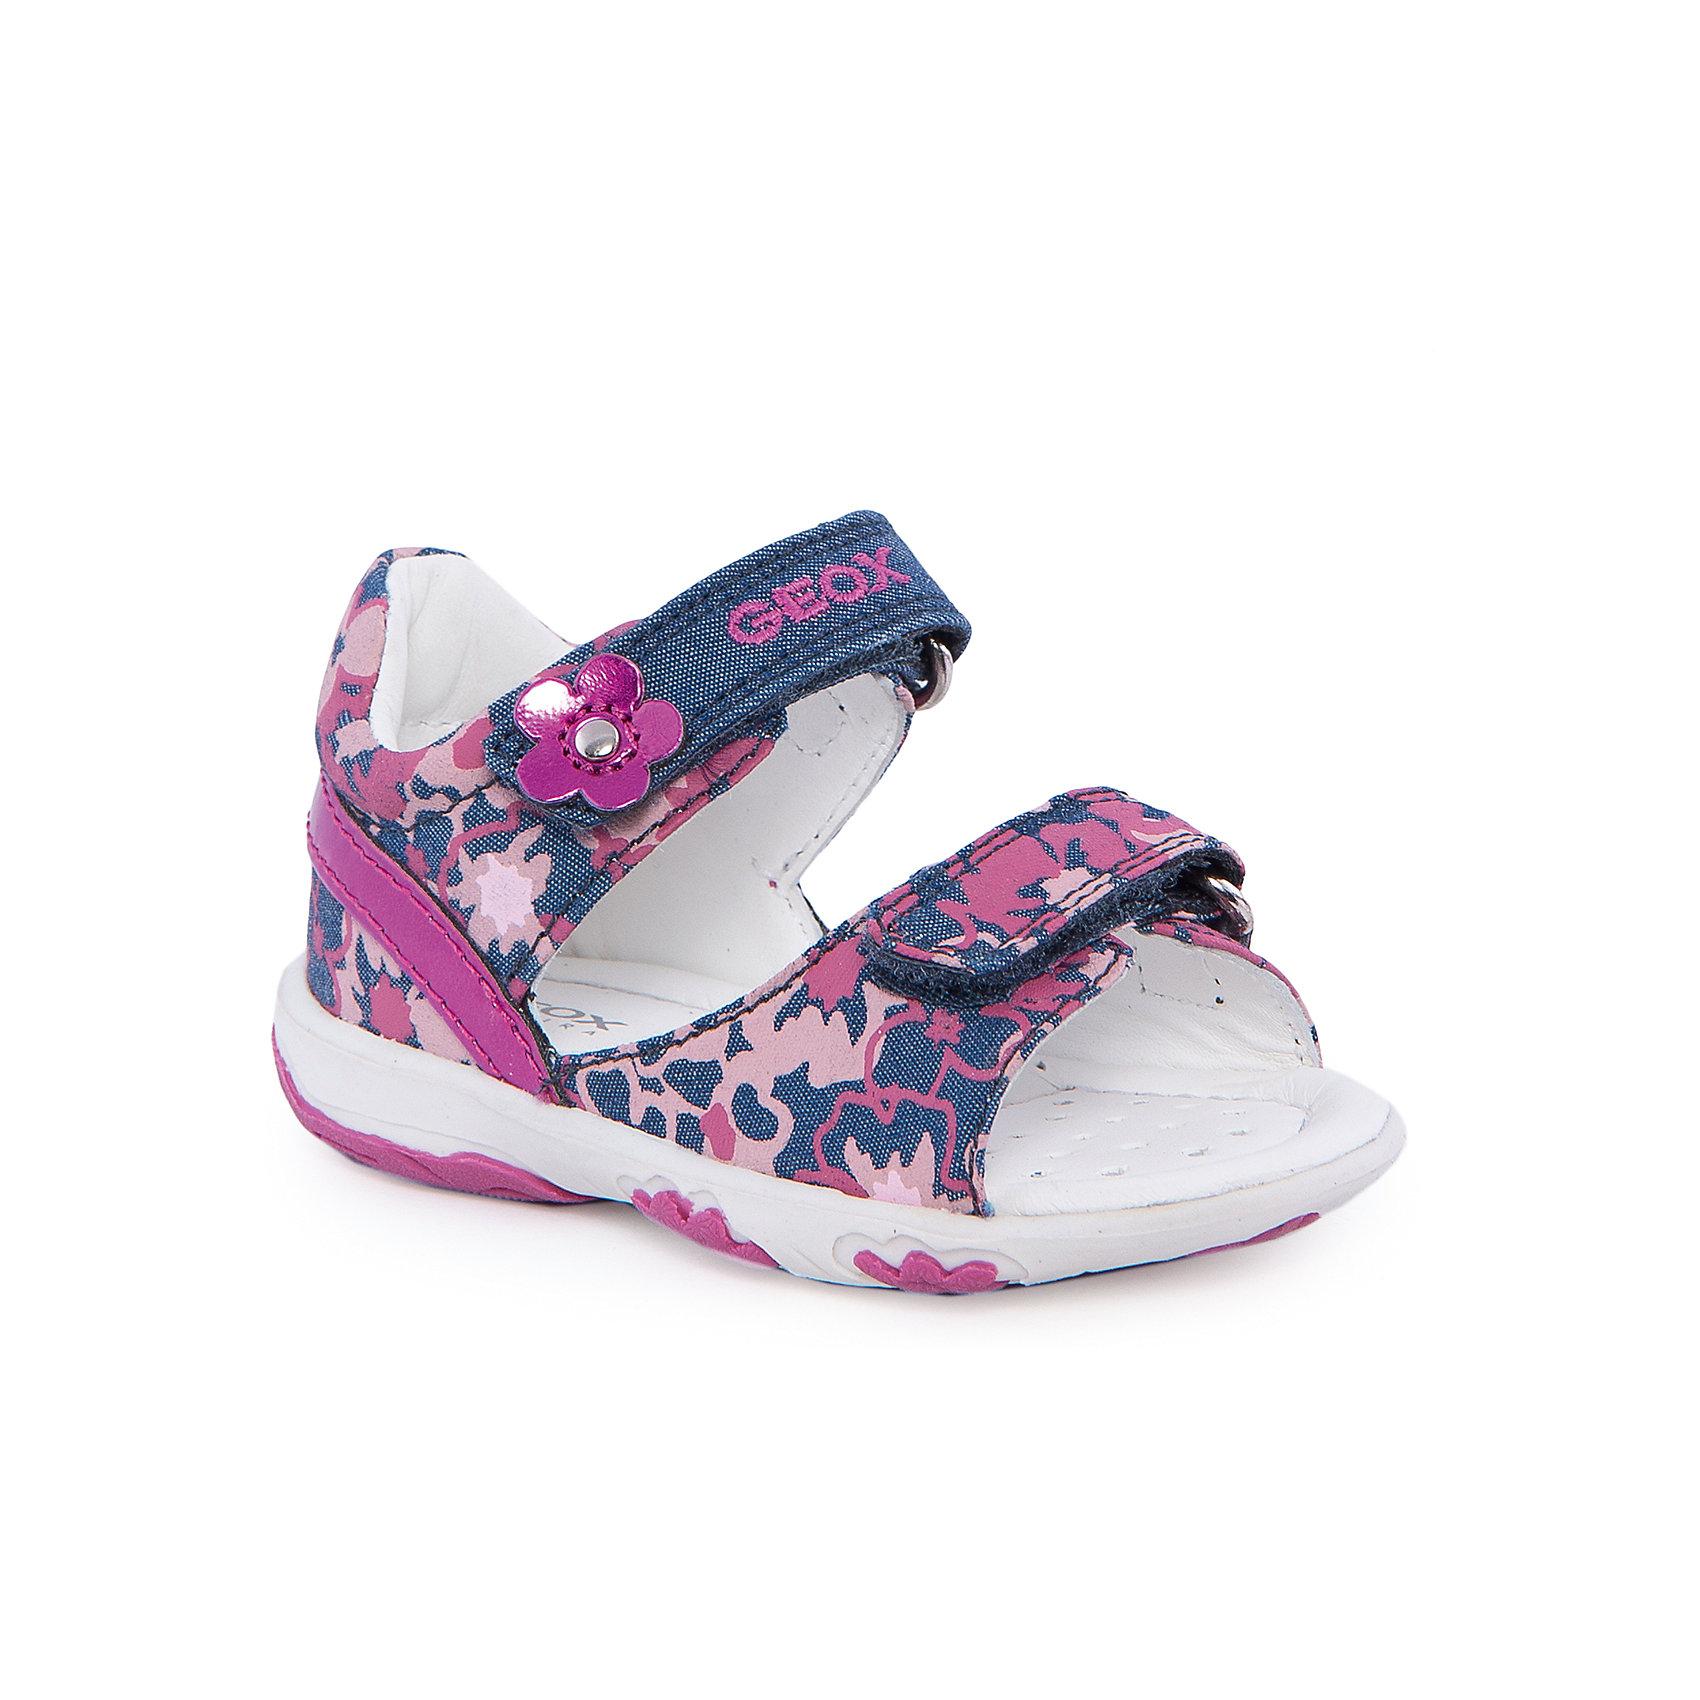 Босоножки для девочки GEOXБосоножки для девочки от популярной марки GEOX (Геокс).<br><br>Модные босоножки - отличная обувь для нового летнего сезона. Эта модель создана специально для девочек, она очень стильно и оригинально смотрится.<br>Производитель обуви заботится не только о внешнем виде, но и стабильно высоком качестве продукции. GEOX (Геокс) разработал специальную высокотехнологичную стельку. Вся обувь делается только из качественных и надежных материалов.<br><br>Отличительные особенности модели:<br><br>- цвет: синий;<br>- декорирована принтом, аппликацией и вышивкой;<br>- гибкая прочная подошва;<br>- мягкий и легкий верх;<br>- защита пятки;<br>- стильный дизайн;<br>- анатомическая дышащая стелька;<br>- удобные застежки - липучки;<br>- комфортное облегание.<br><br>Дополнительная информация:<br><br>- Сезон: весна/лето.<br><br>- Состав:<br><br>материал верха: текстиль;<br>стелька: натуральная кожа;<br>подошва: полимер.<br><br>Босоножки для девочки GEOX (Геокс) можно купить в нашем магазине.<br><br>Ширина мм: 262<br>Глубина мм: 176<br>Высота мм: 97<br>Вес г: 427<br>Цвет: синий<br>Возраст от месяцев: 9<br>Возраст до месяцев: 12<br>Пол: Женский<br>Возраст: Детский<br>Размер: 23,25,20,24,22,21<br>SKU: 4519670